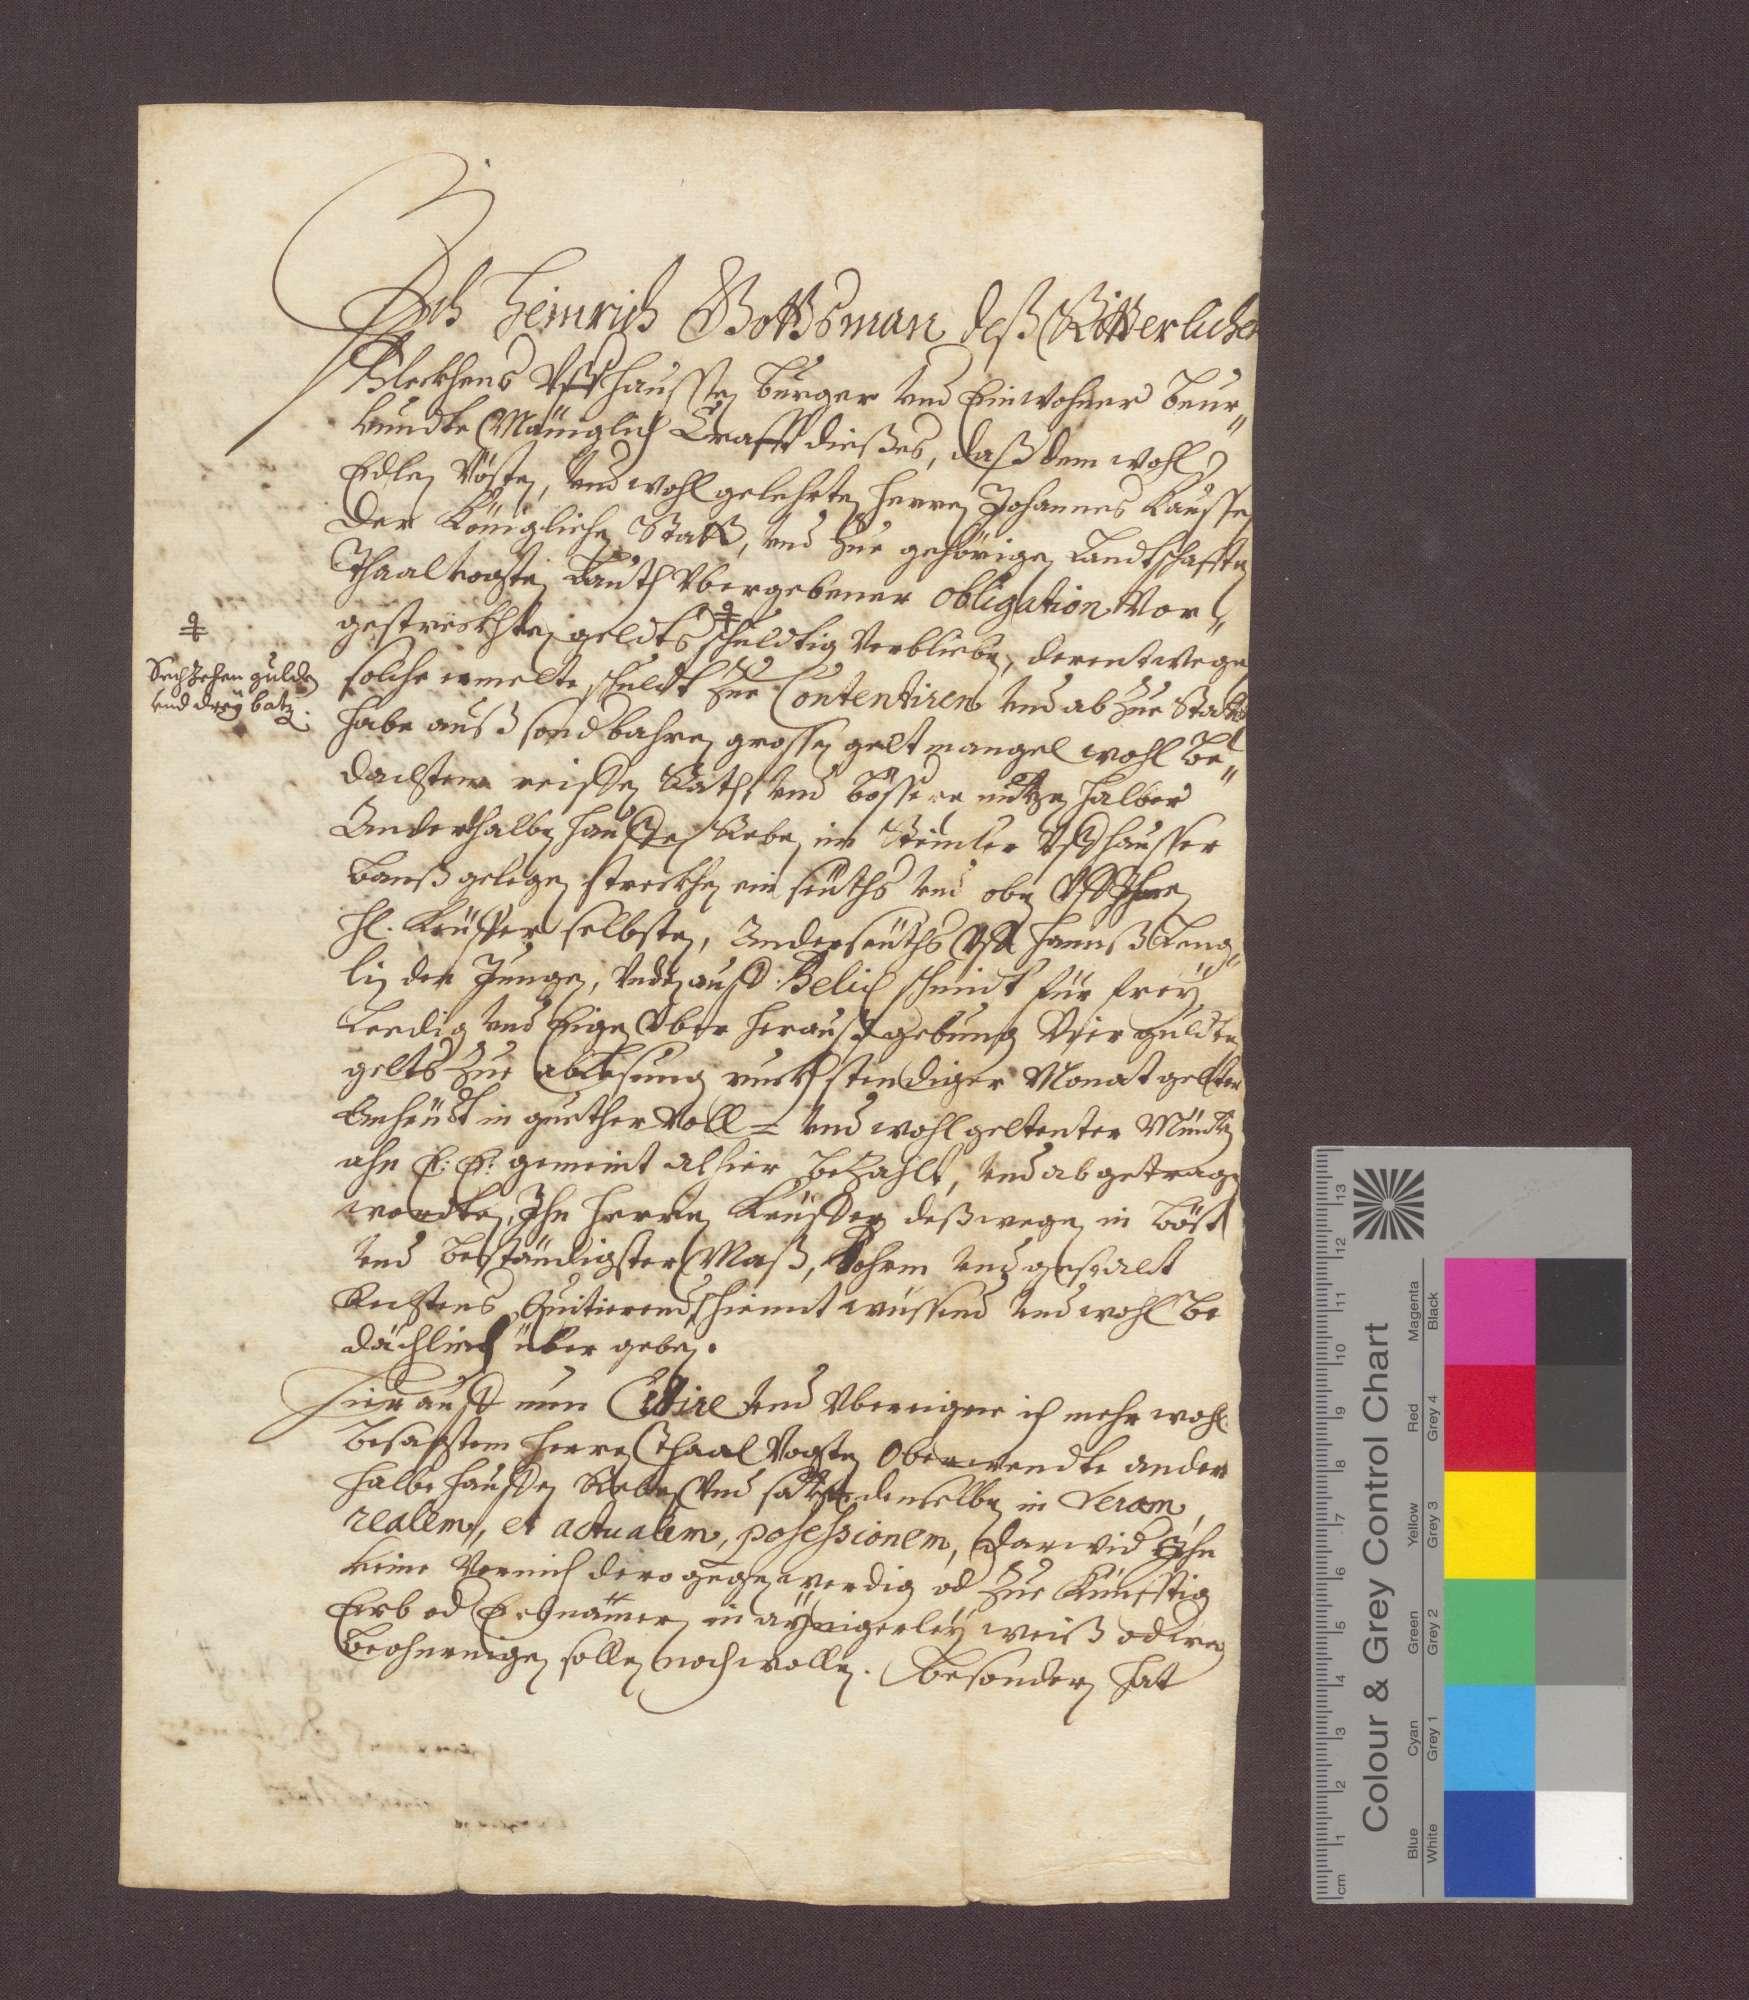 Heinrich Gottsmann, Bürger des ritterlichen Fleckens Uffhausen, cediert dem Johann Kauß 1 1/2 Haufen Weinberg zu Uffhausen, da er die Zinsen für die vorgestreckten 16 Gulden 3 Batzen nicht zu zahlen vermag., Bild 1